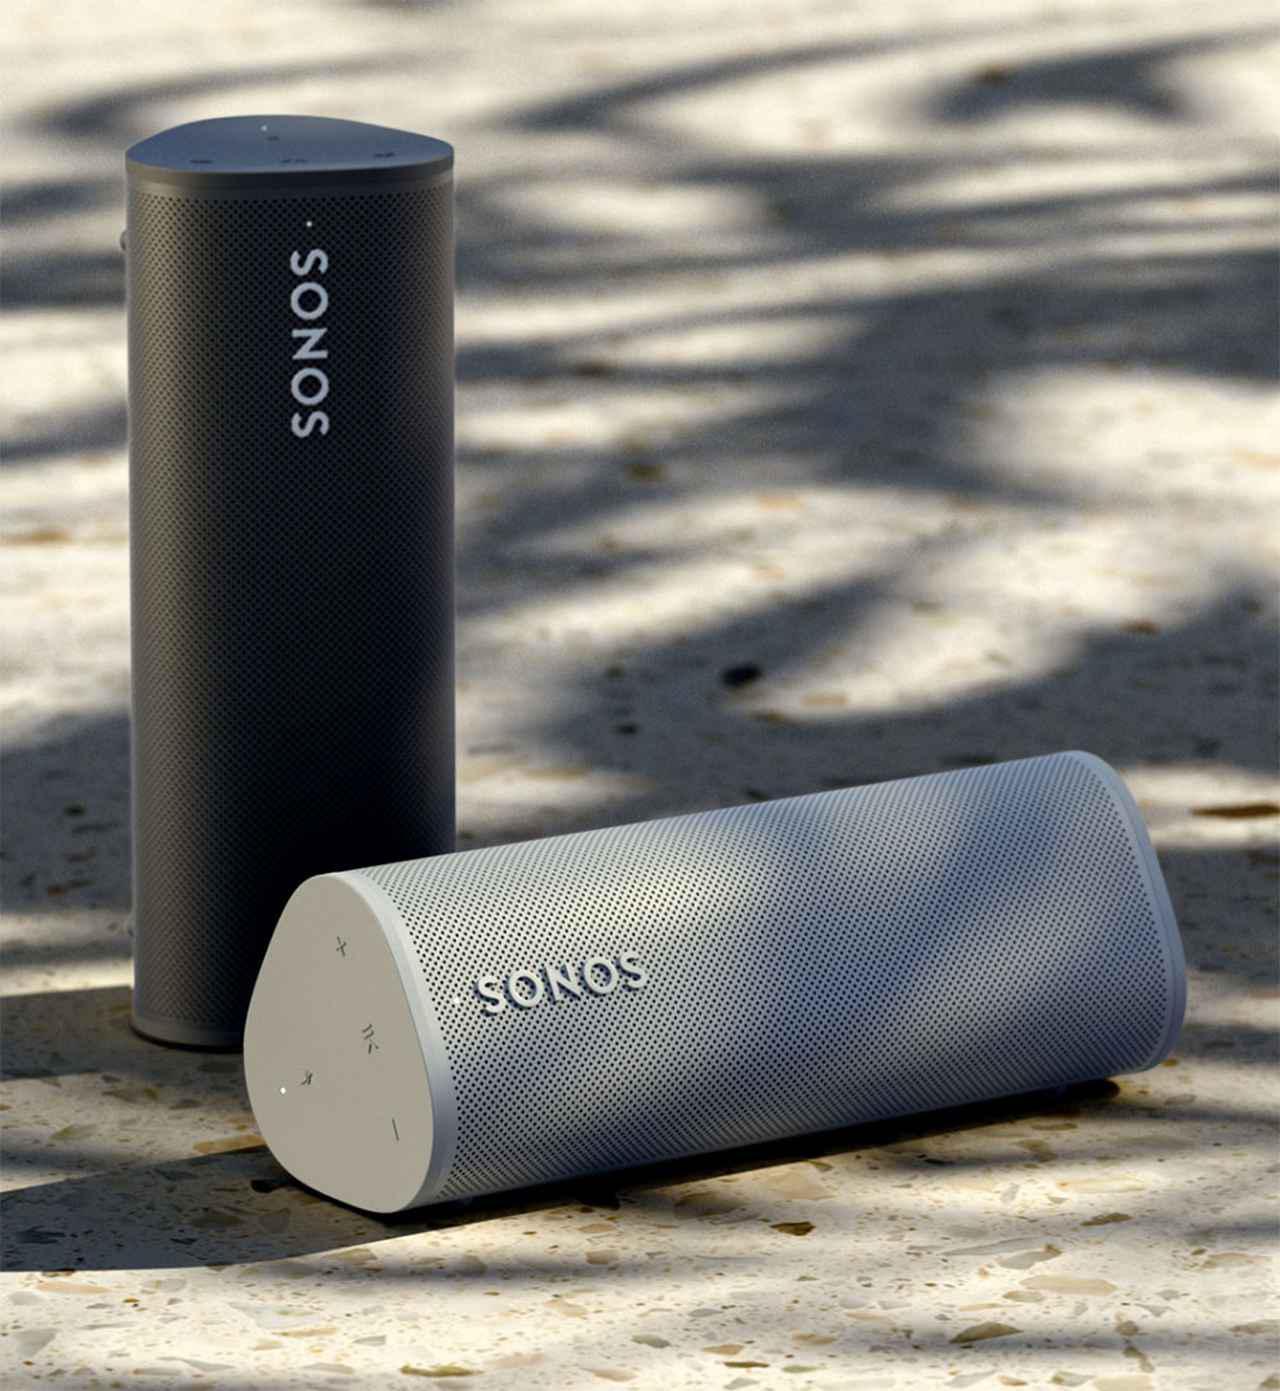 画像1: SONOSの小型ワイヤレススピーカー「Roam」は、日本で今夏発売。あらゆる場所で極上の音楽体験を実現できる魅力的なポータブルスピーカー